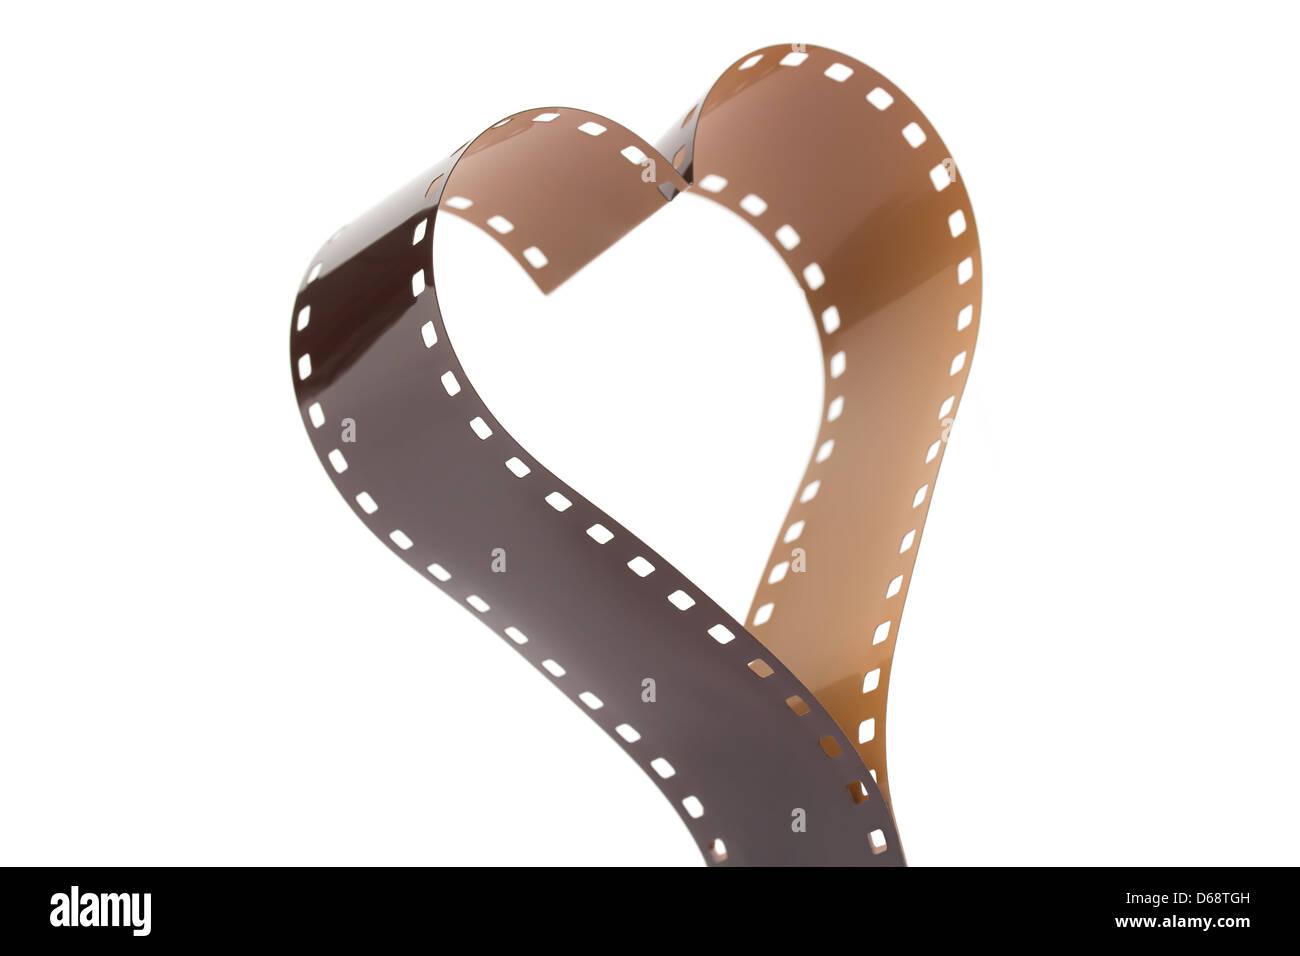 Herzform aus einer 35mm Kamera Filmstreifen auf weiß gemacht Stockbild